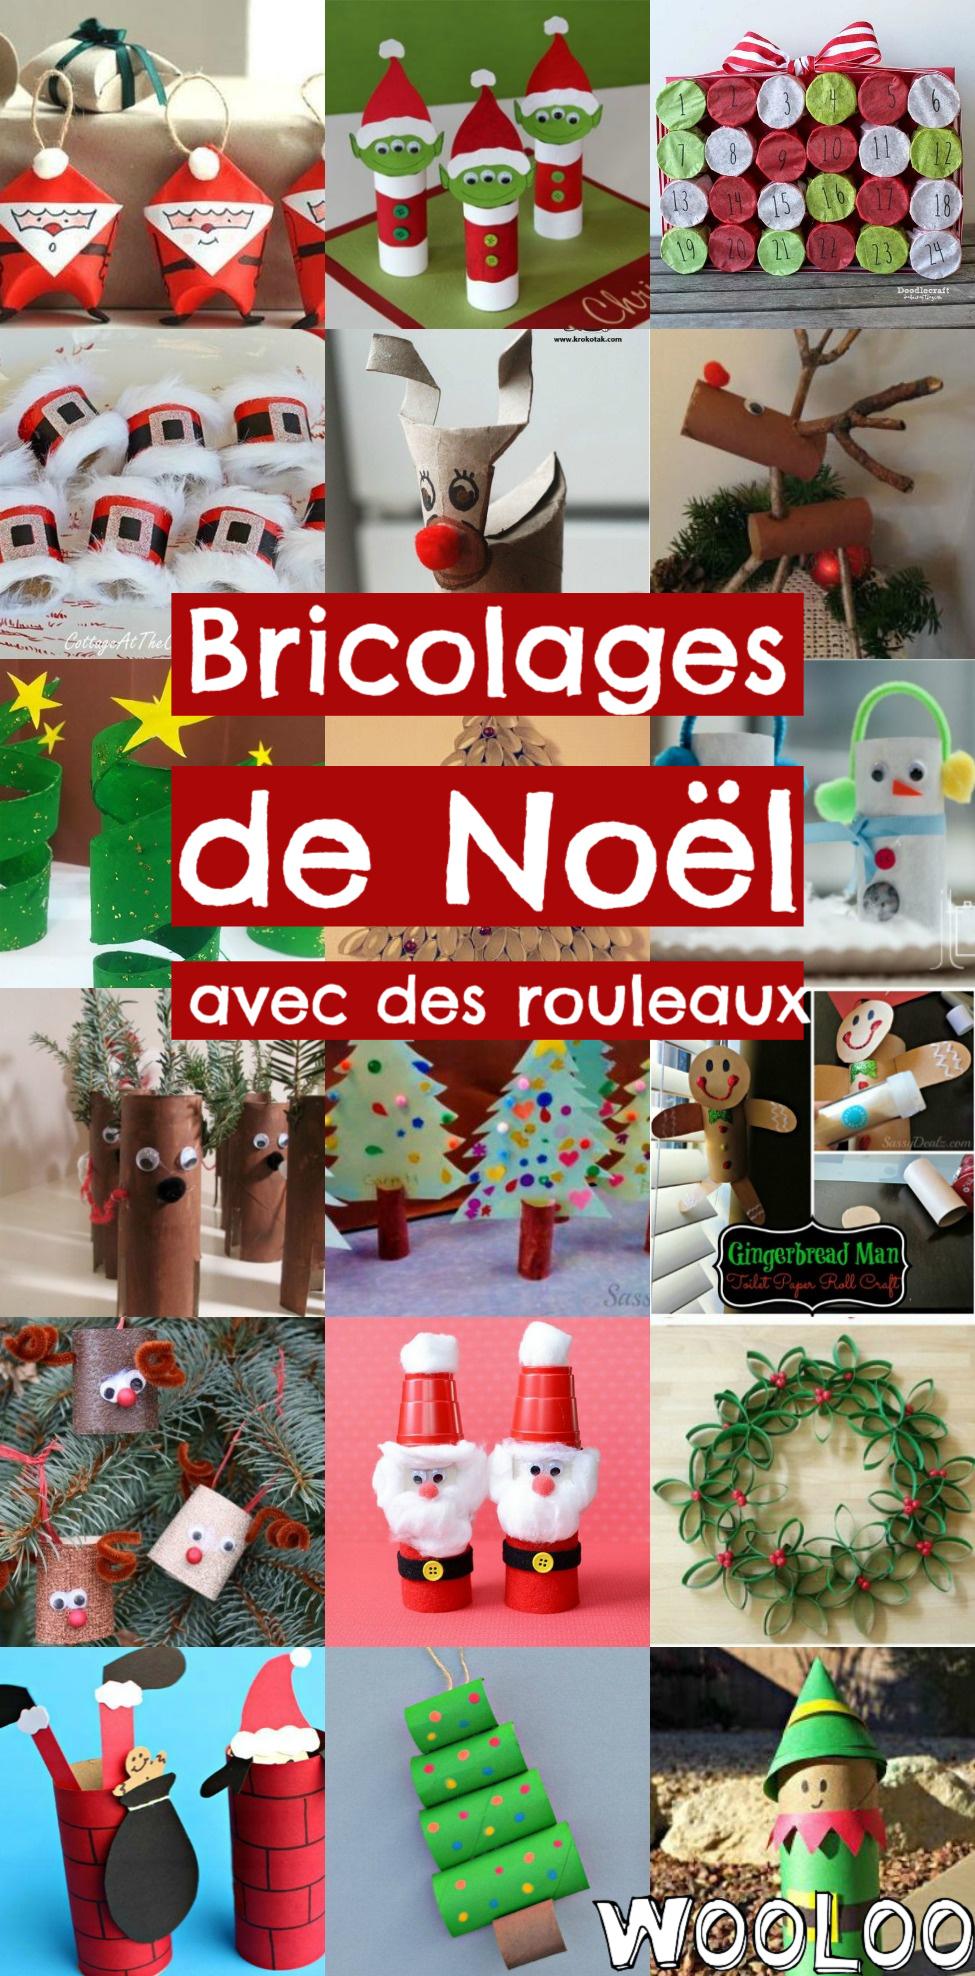 bricolage-noel-rouleau-wooloo